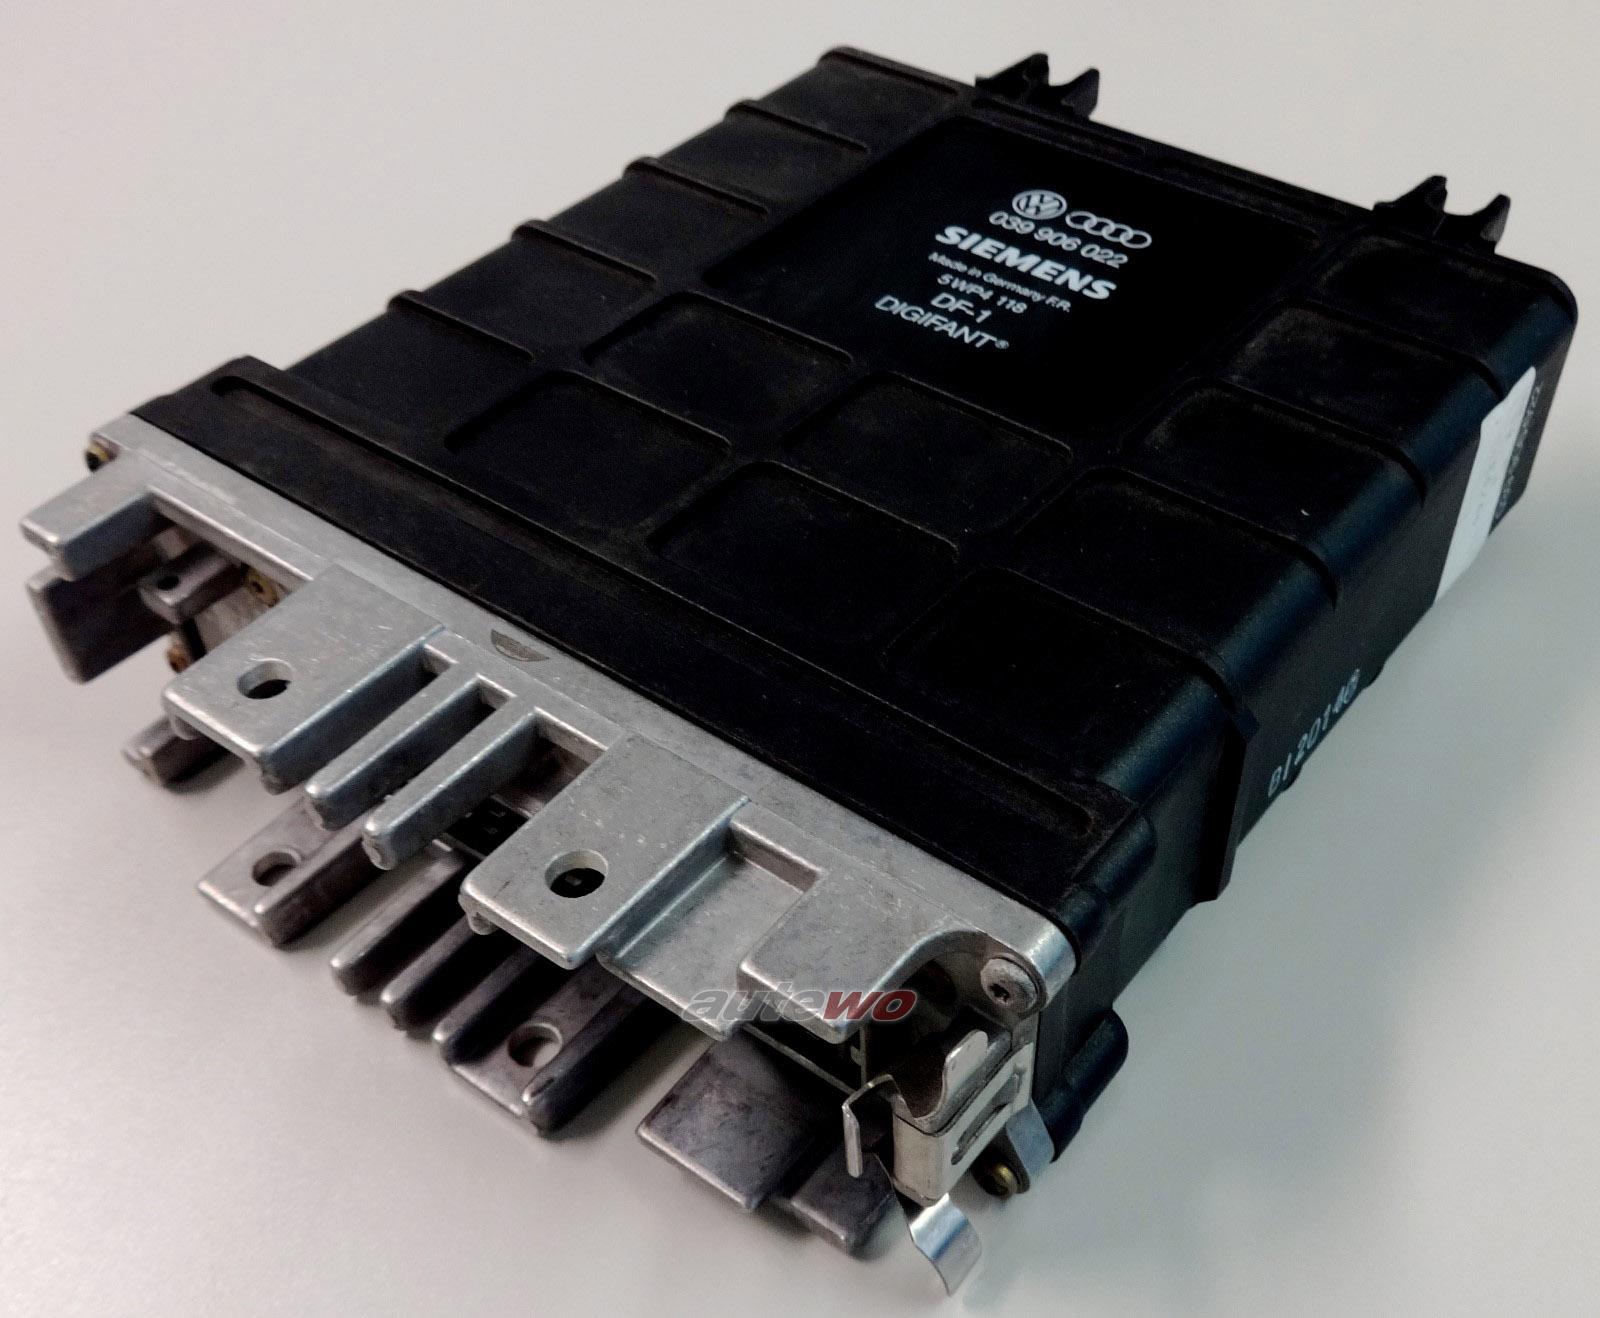 #039997022 X 039906022 5WP4118 Audi 80 B4 2.0l 115PS 4 Zyl. ABK Motorsteuergerät